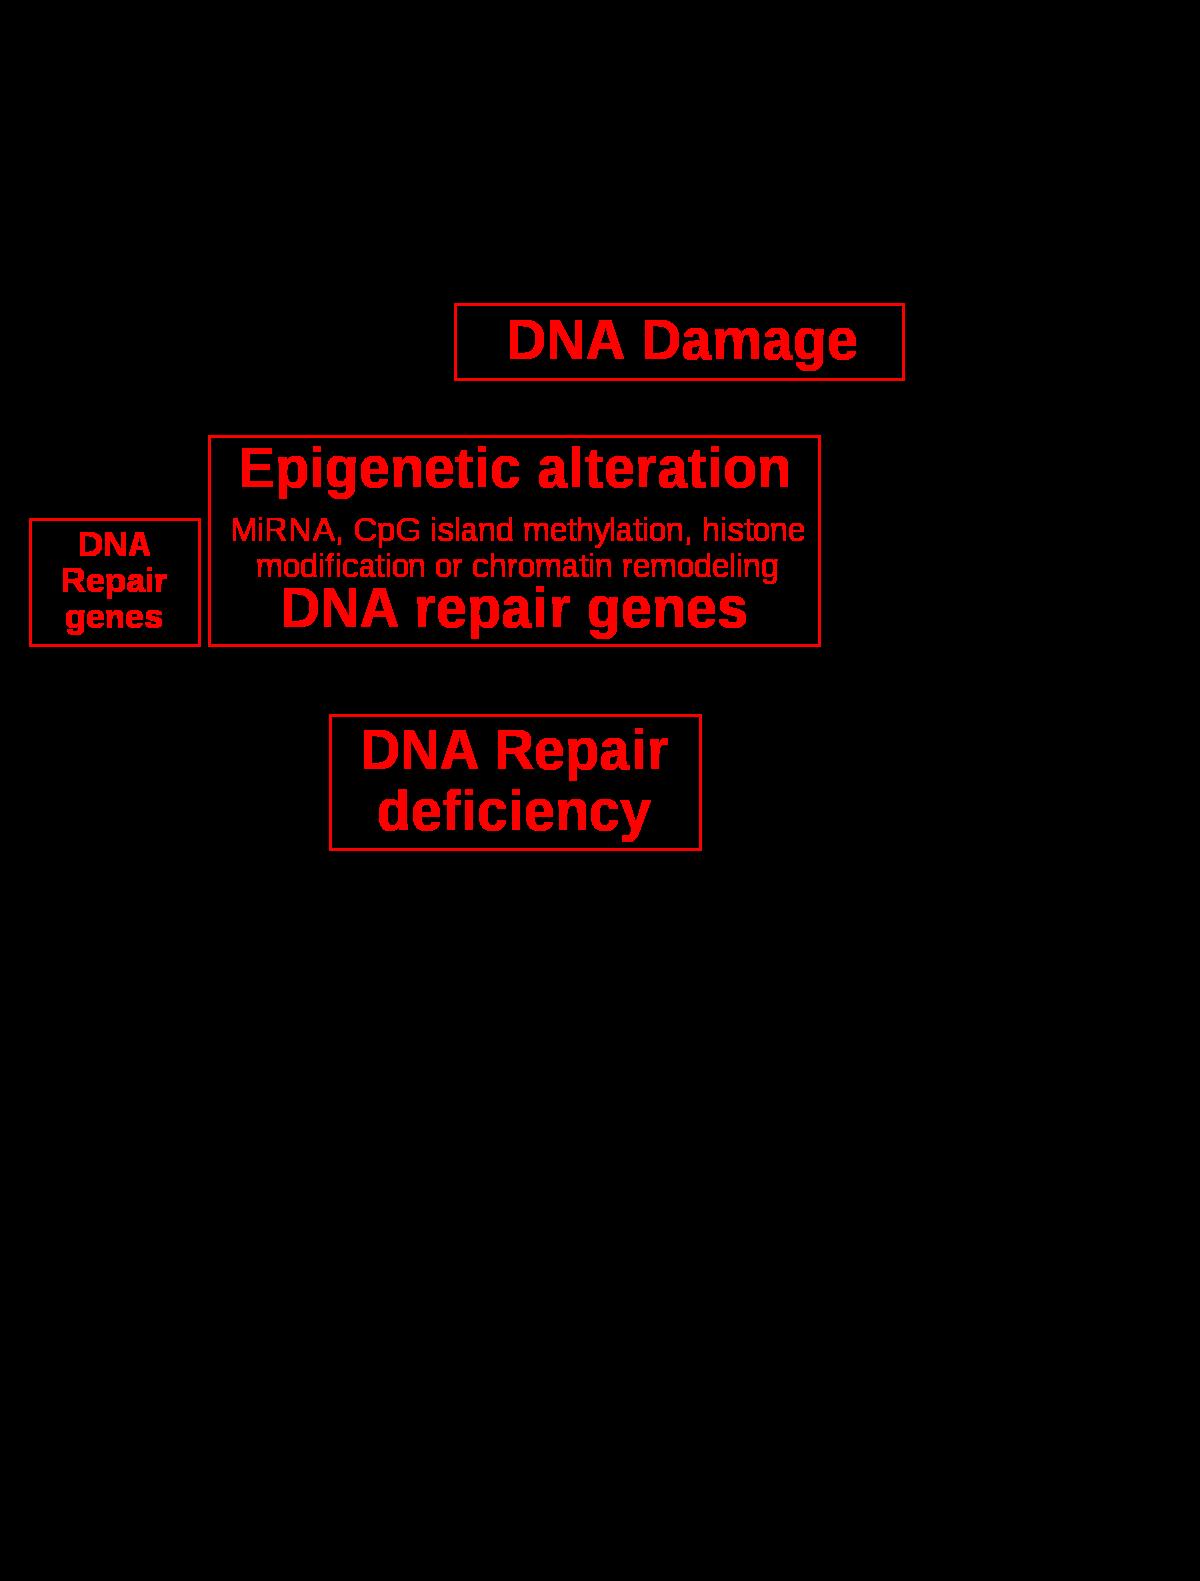 családi rák és gének